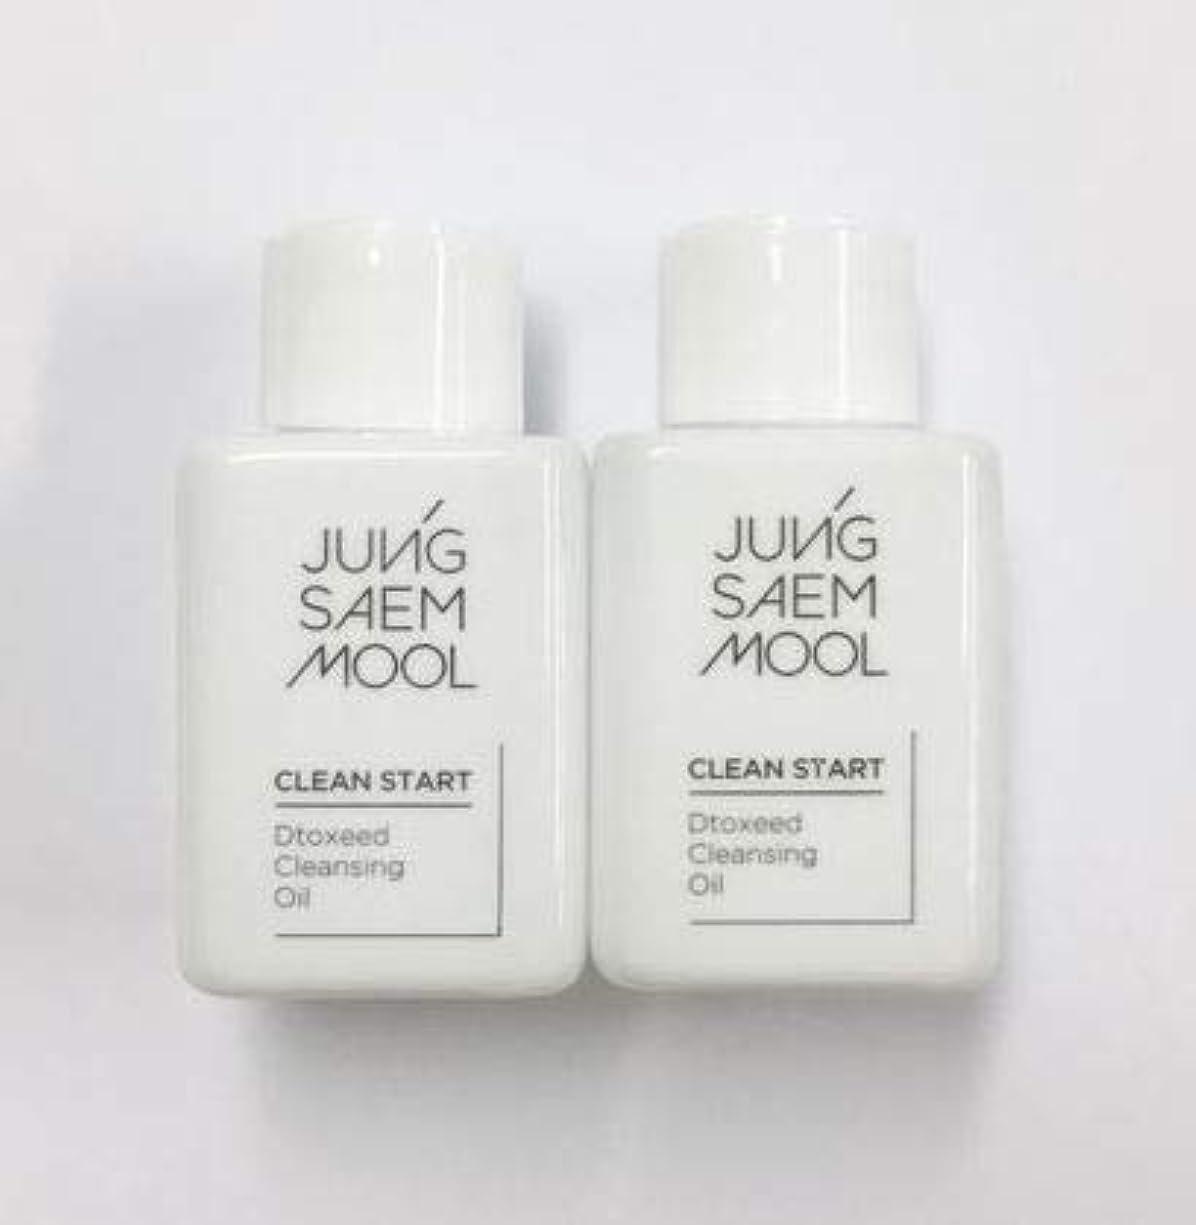 テーブルを設定する良さ大胆なJUNG SAEM MOOL Clean Start Dtoxeed Cleansing Oil_サンプル (30ml)*2ea [並行輸入品]